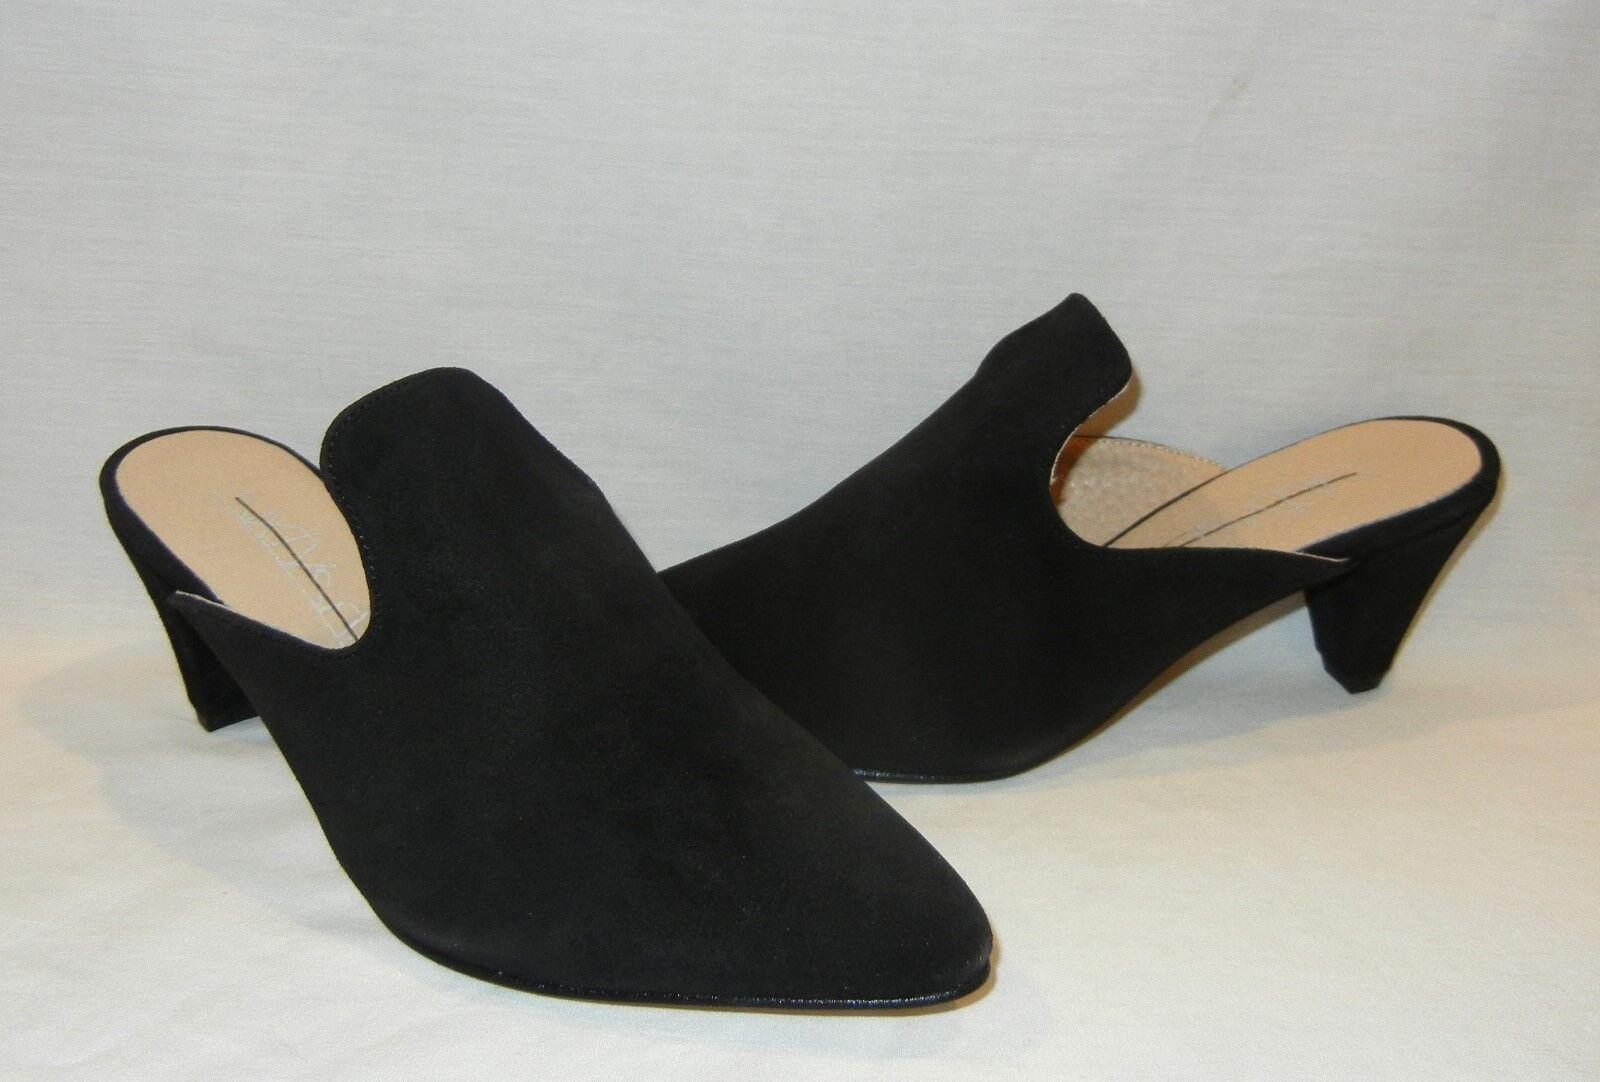 migliori prezzi e stili più freschi SixtySeven scarpe Donna  Suede Loafer Upper Heeled Heeled Heeled Mules Retail  149 Dimensione 6  stanno facendo attività di sconto